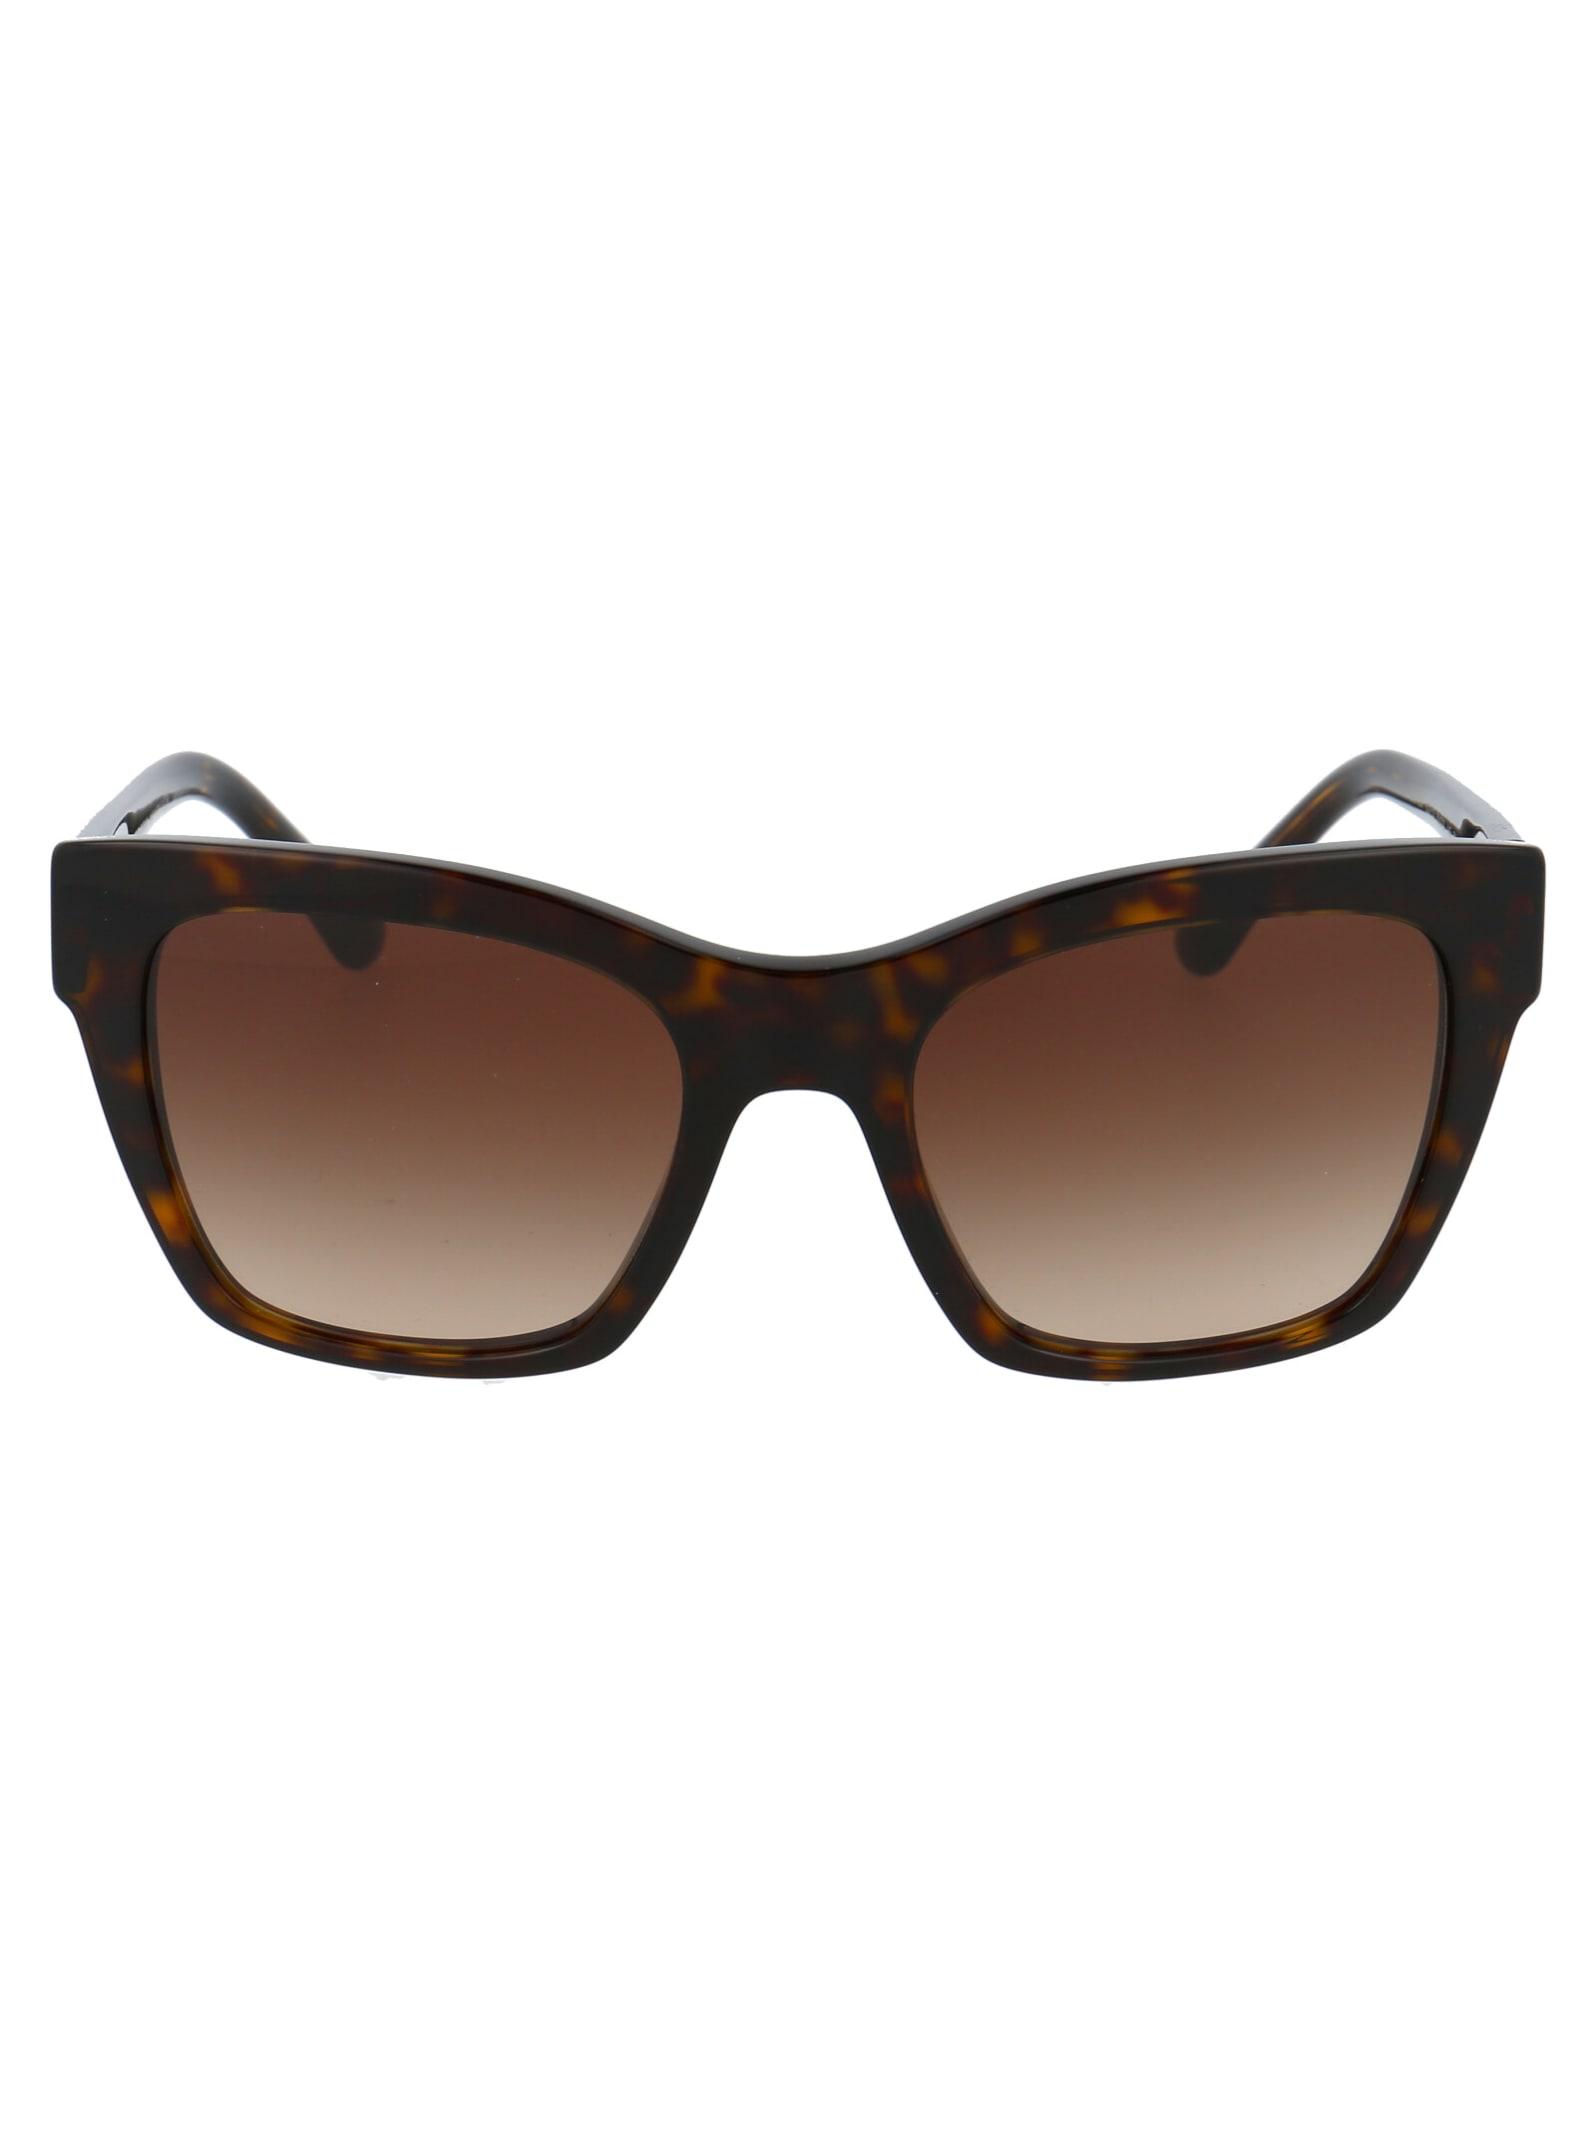 0dg4384 Sunglasses